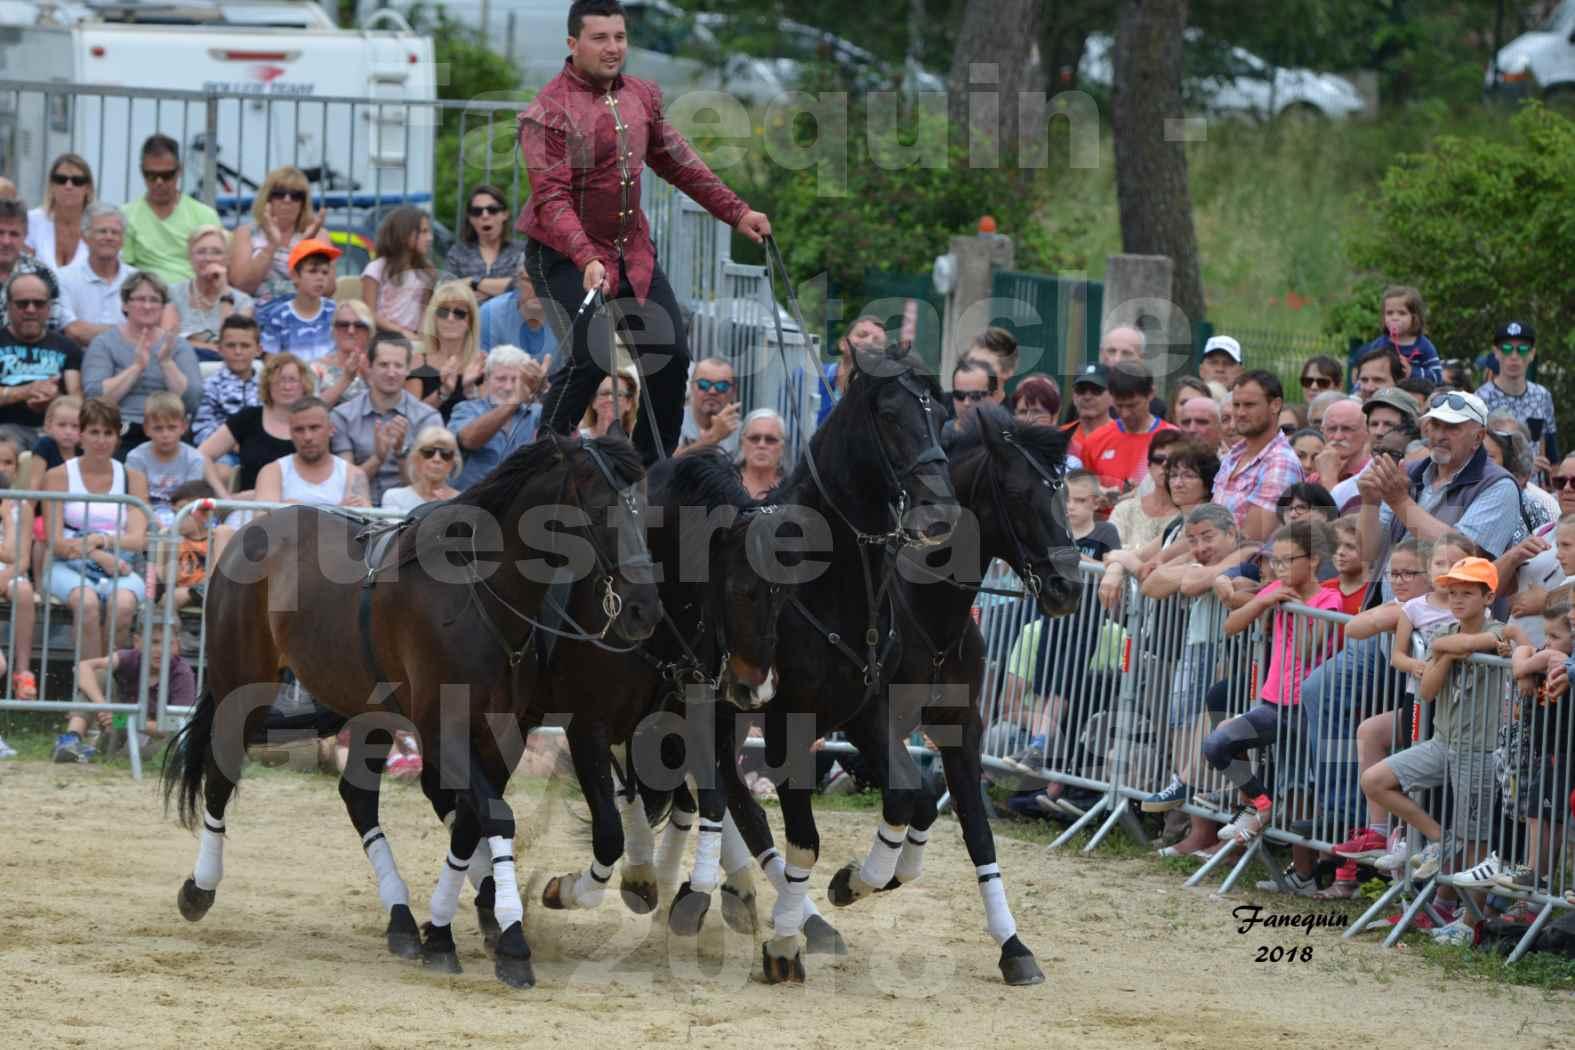 Spectacle Équestre le 3 juin 2018 à Saint Gély du Fesc - Poste Hongroise de 2 à 6 chevaux - Benoît SOUMILLE - 03